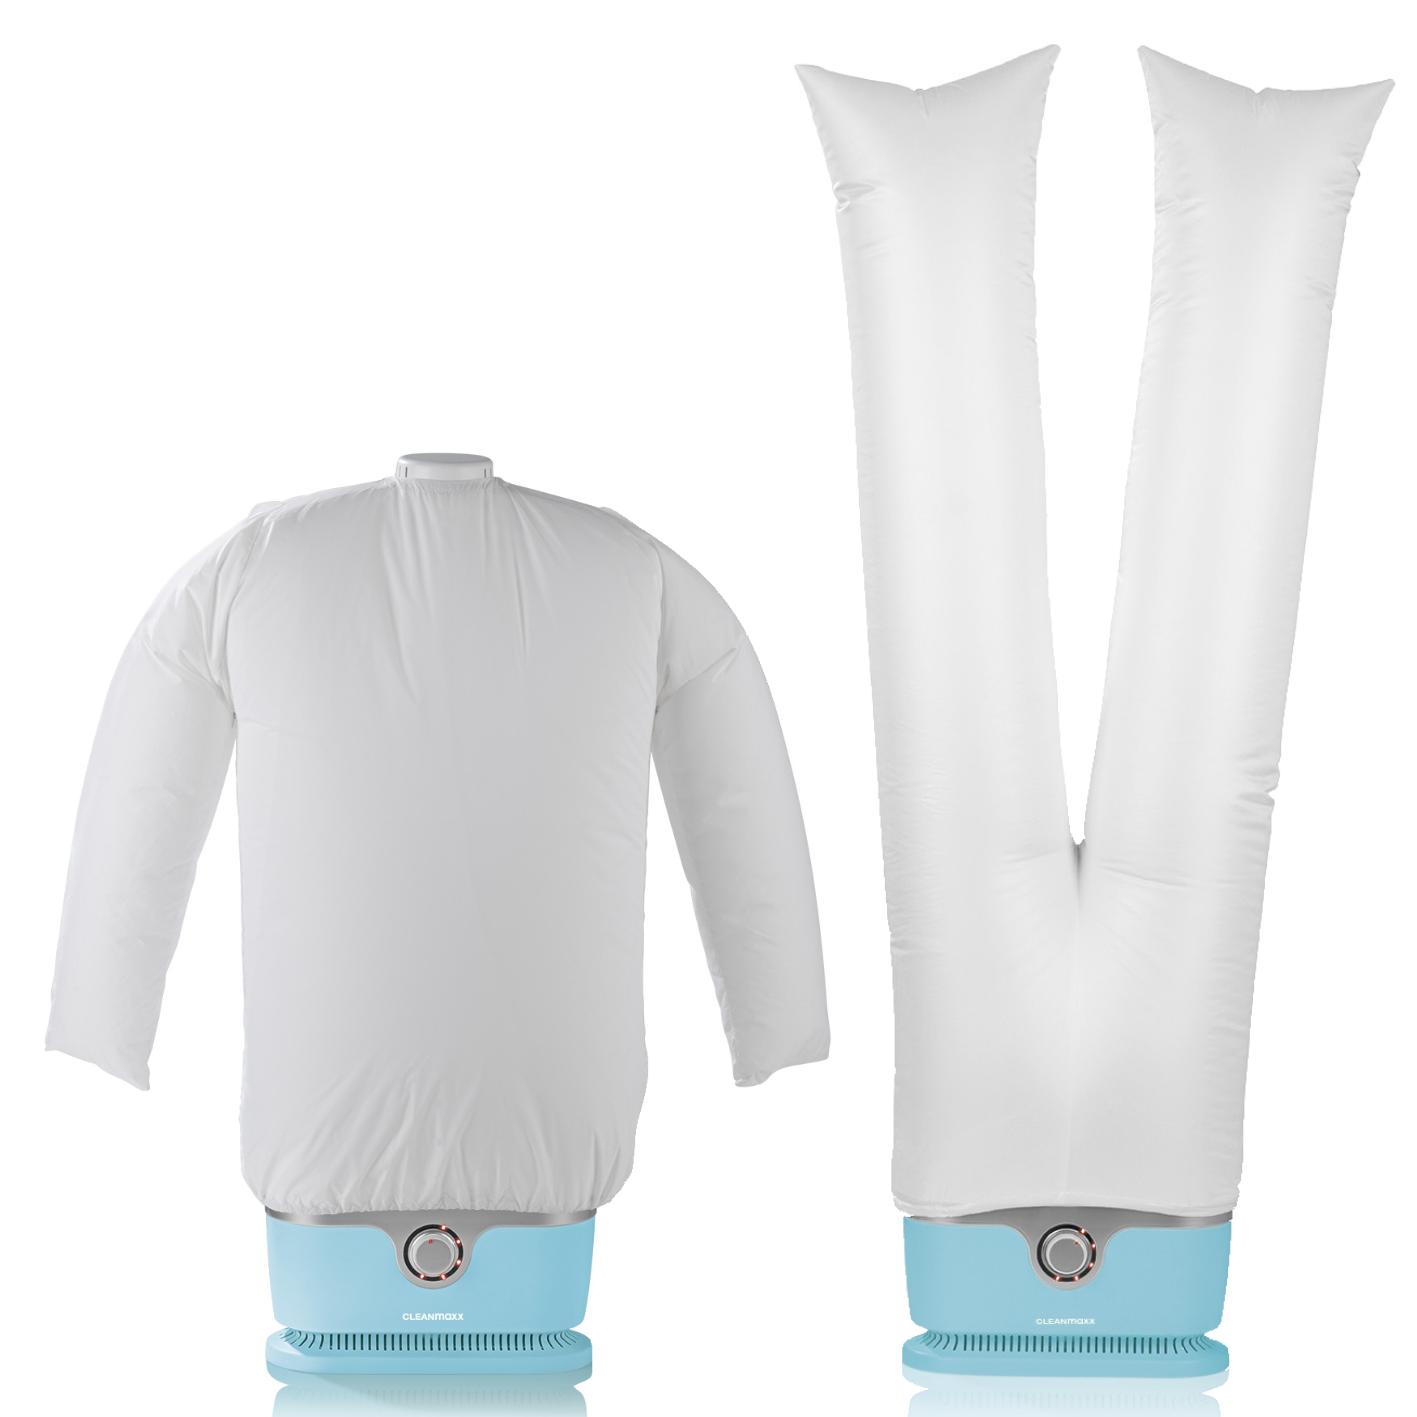 Bild zu CLEANmaxx Hemdenbügler und Hosenaufsatz für 69,99€ (Vergleich: 78,74€)